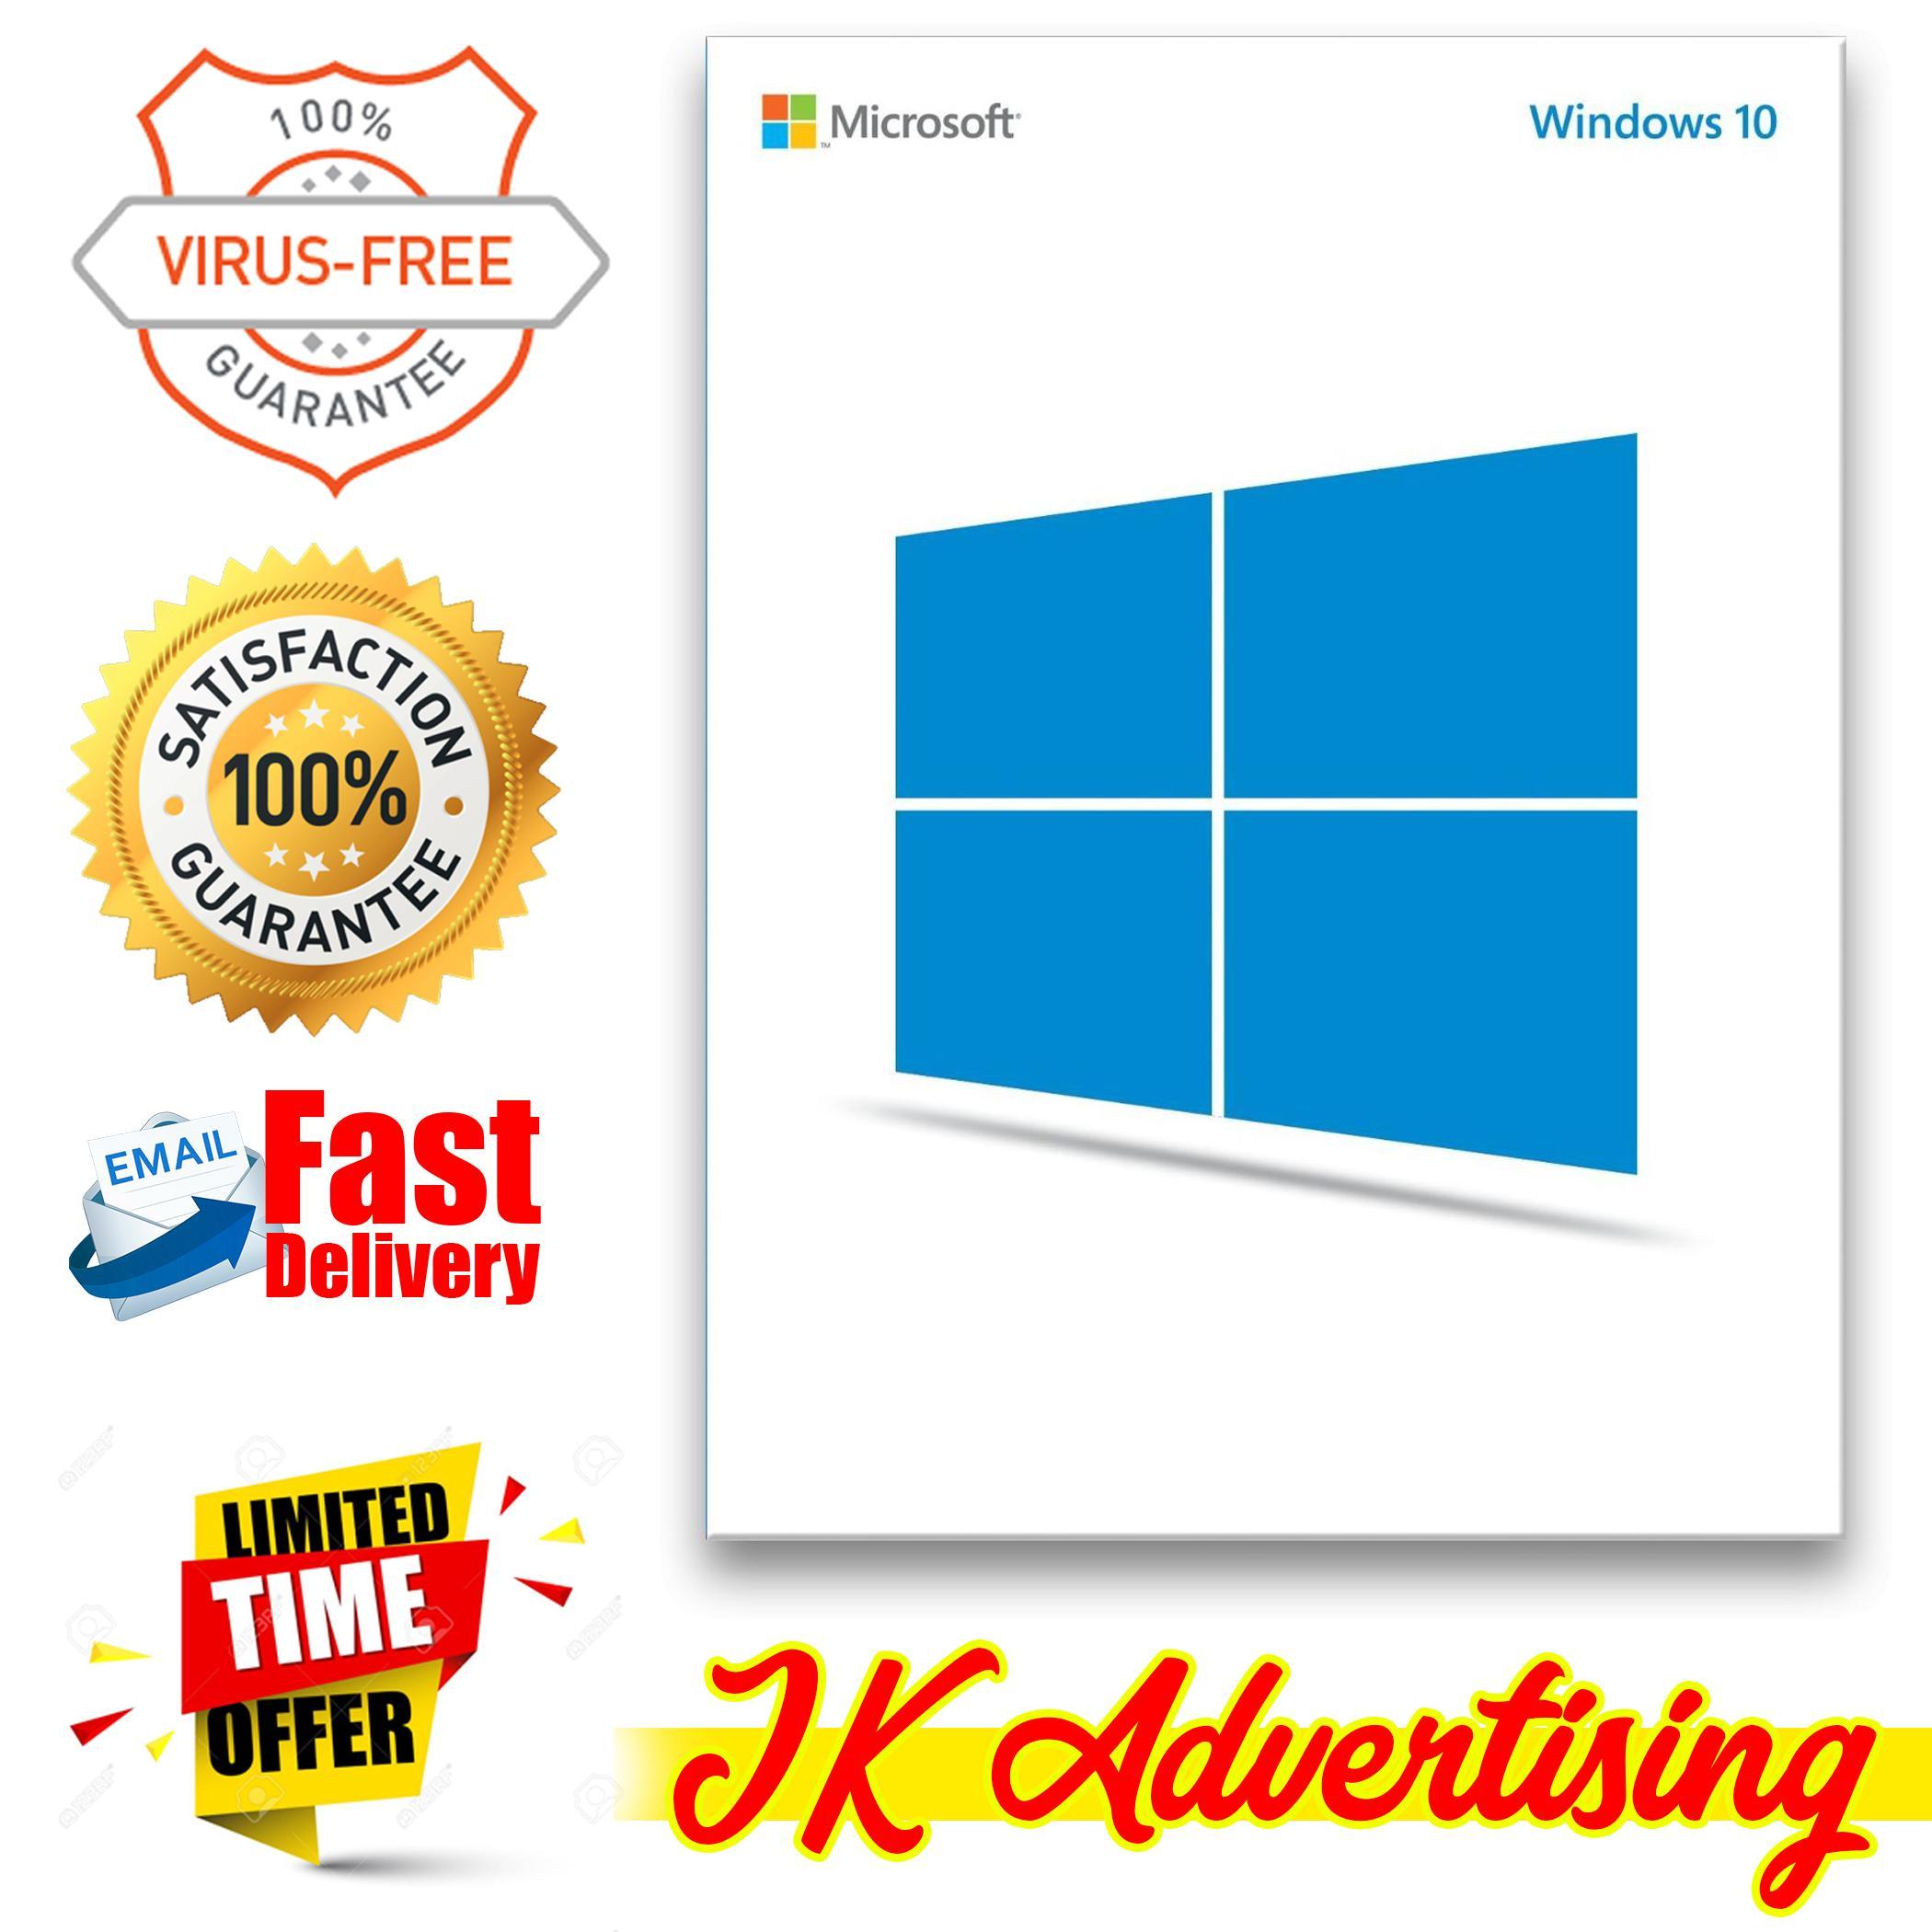 Almay,Microsoft - Buy Almay,Microsoft at Best Price in